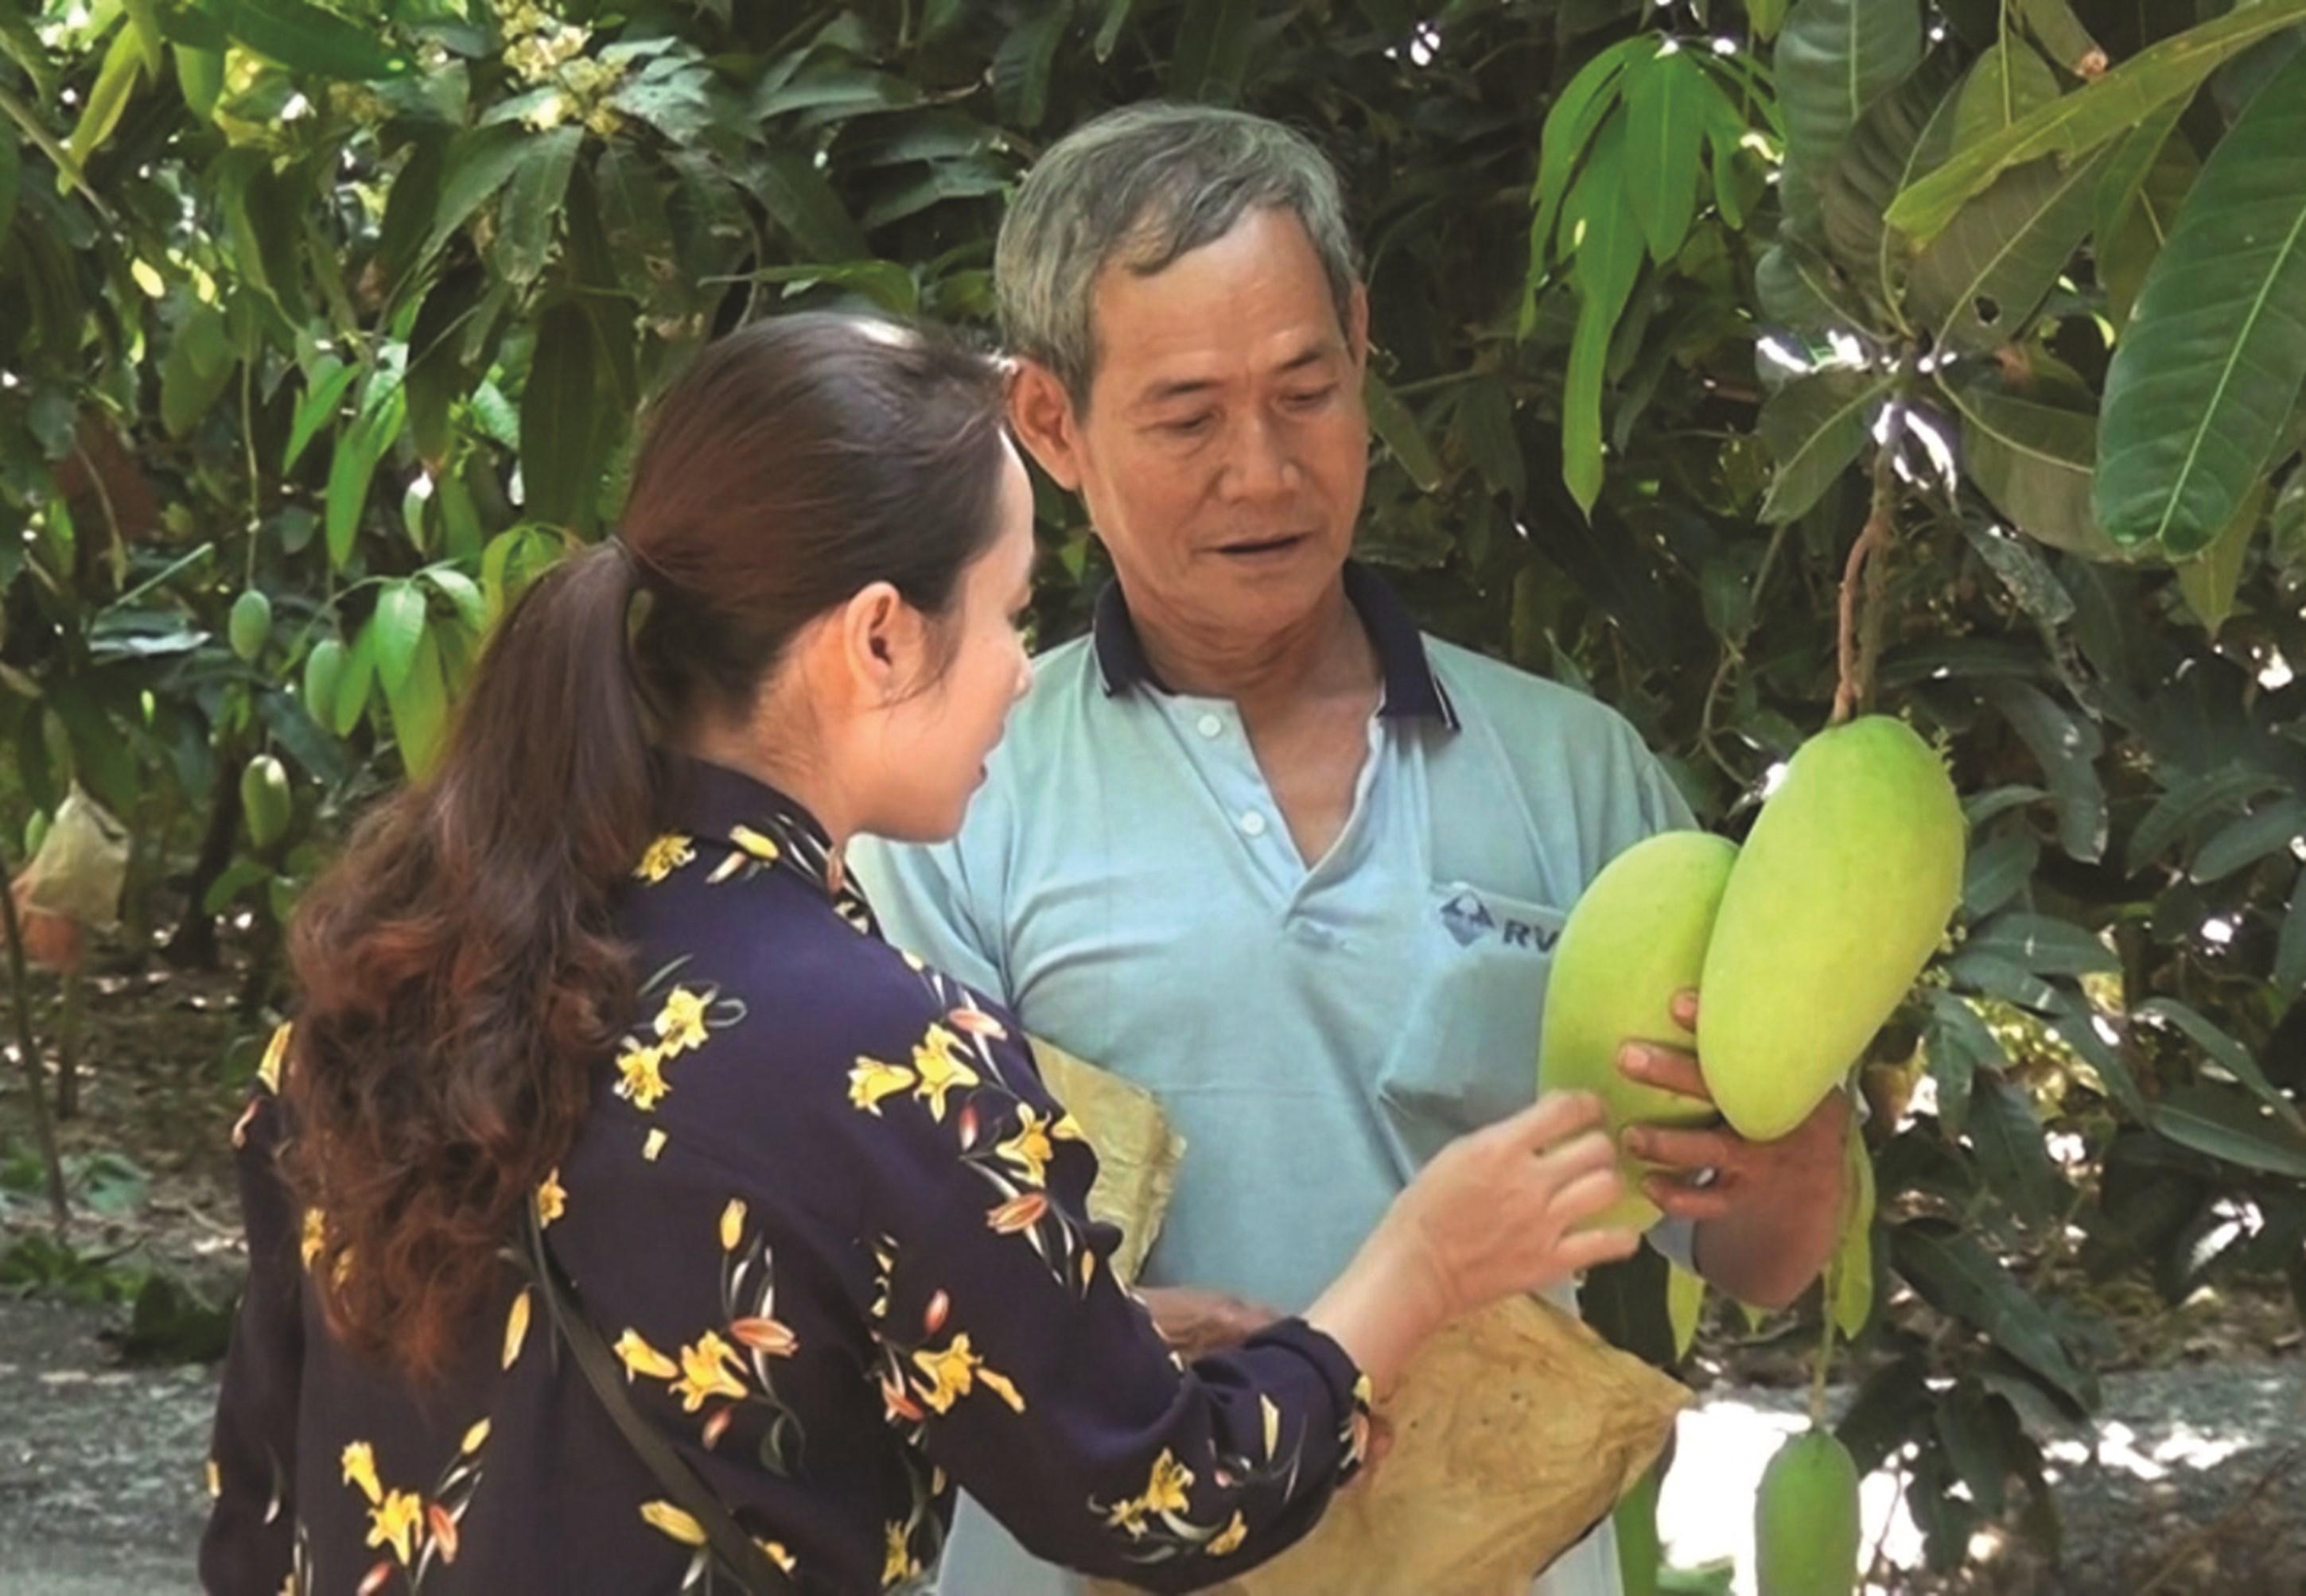 Ông Chau An, xã Núi Tô, huyện Tịnh Biên chăm sóc vườn xoài thanh ca trồng trên Núi Tô đã giúp gia đình ông có thu nhập cao